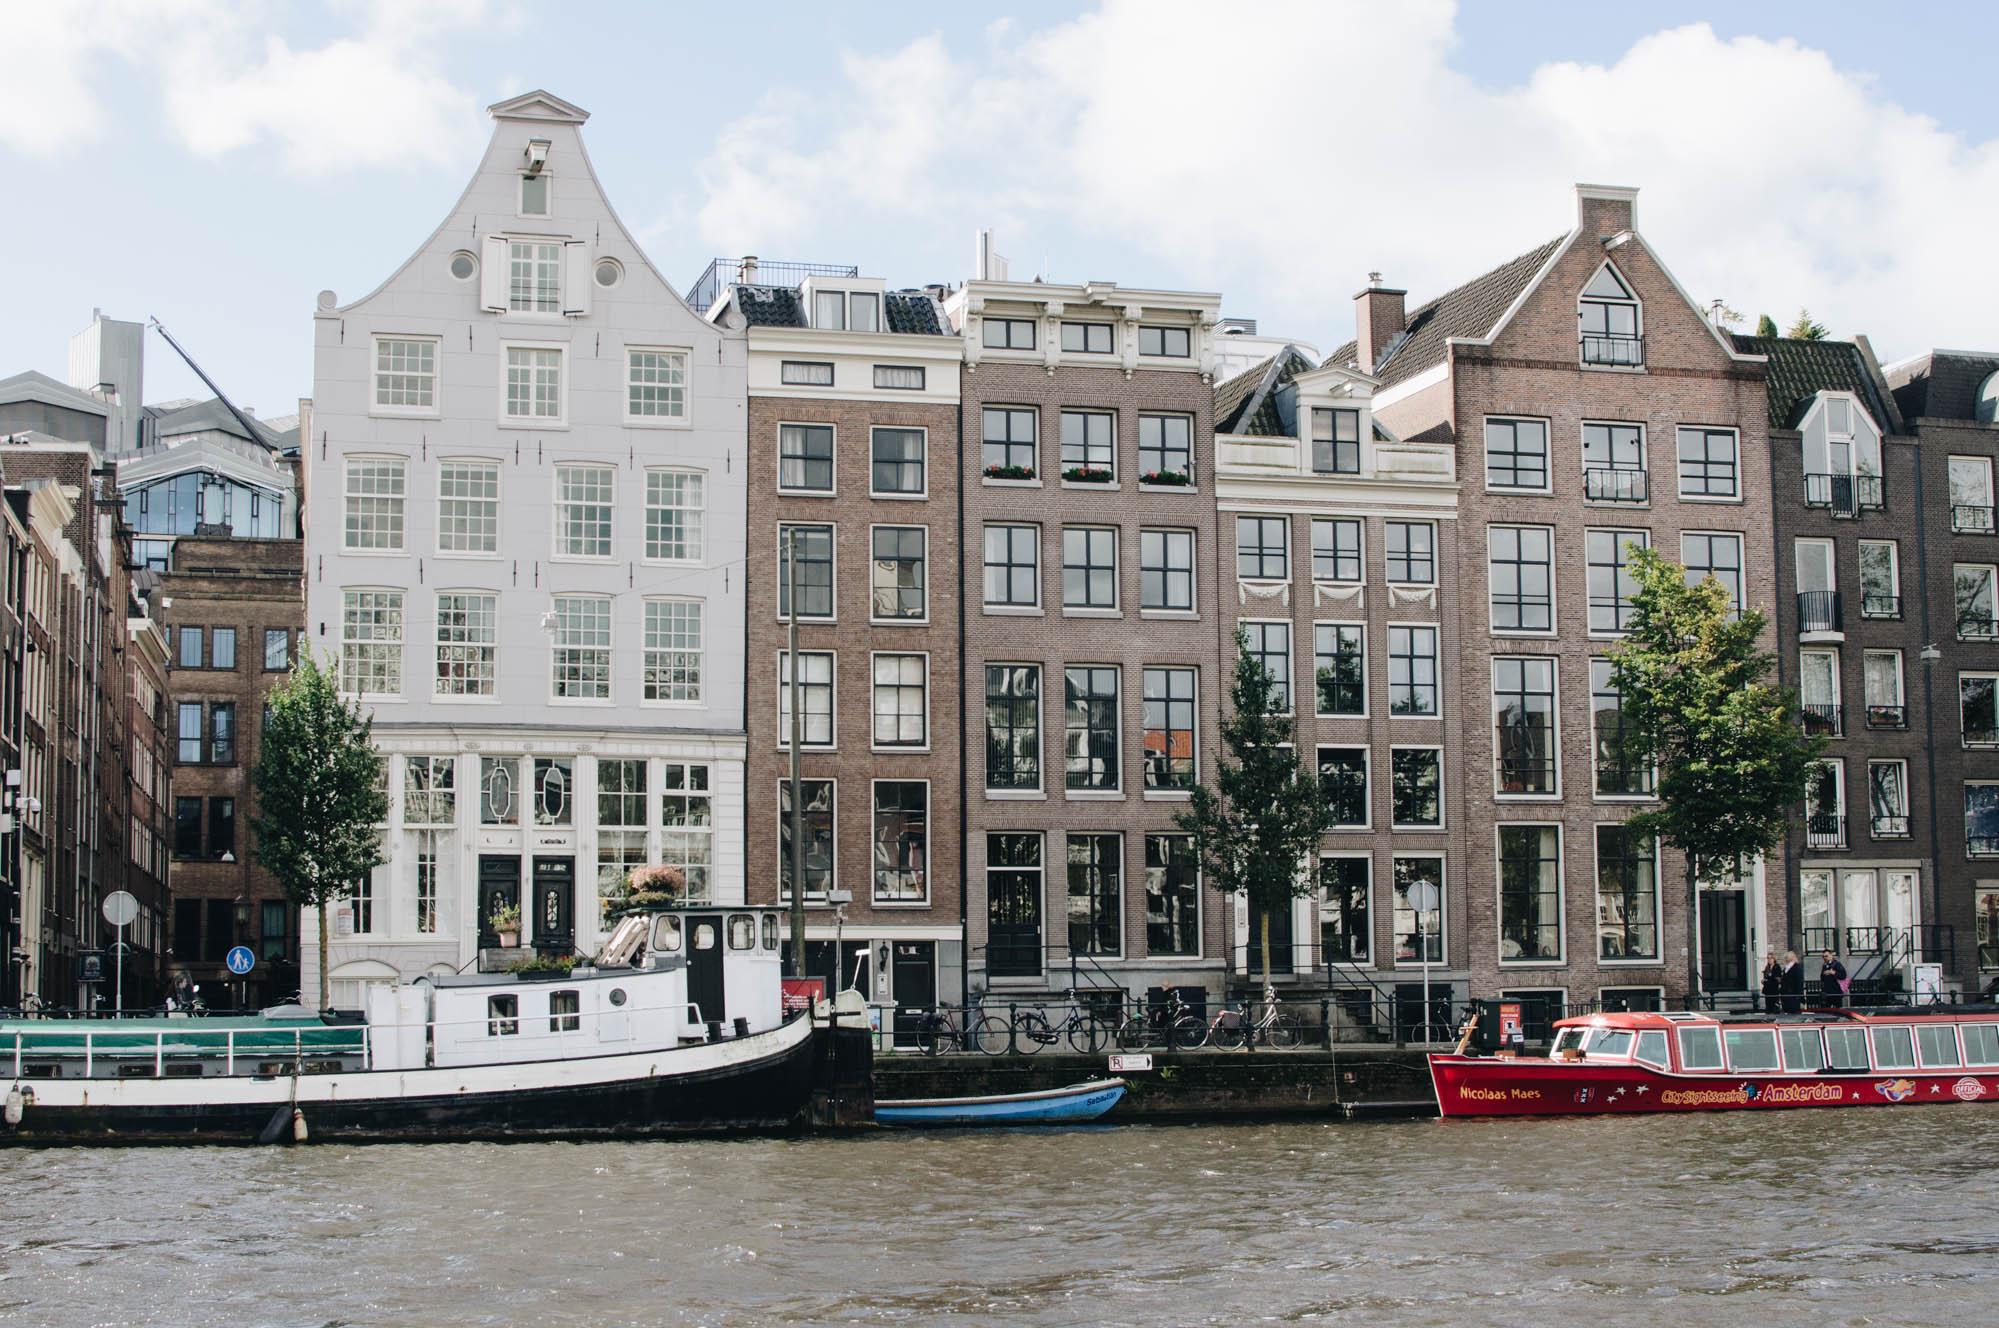 Les canaux d'Amsterdam - Un enchantement! Escapade à Amsterdam sur le blog